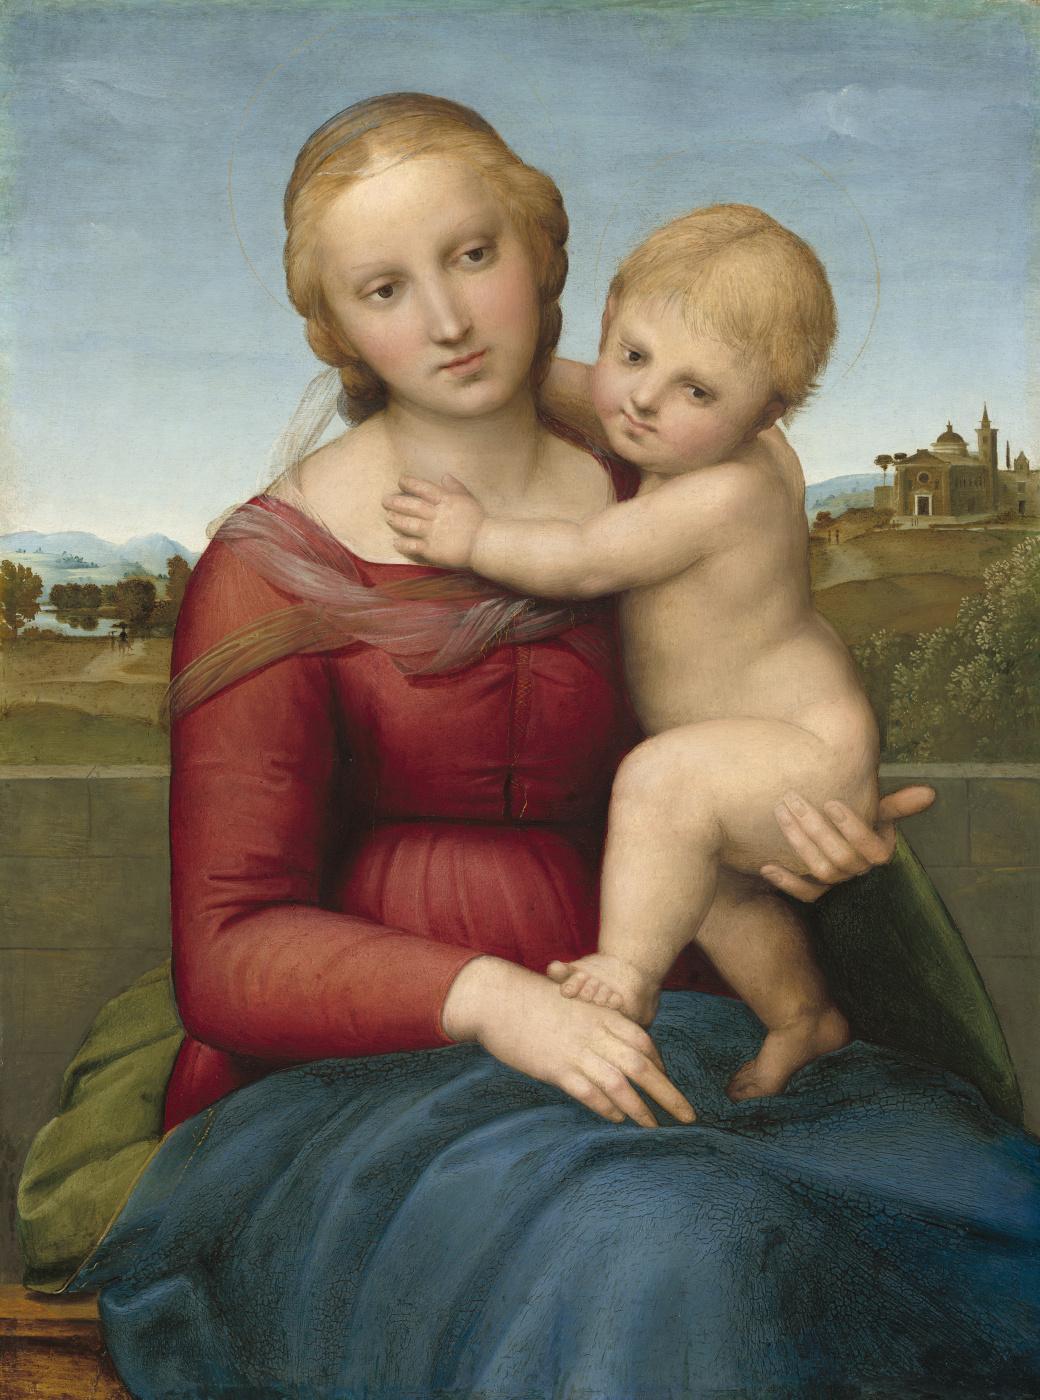 Raphael Sanzio. The Small Cowper Madonna